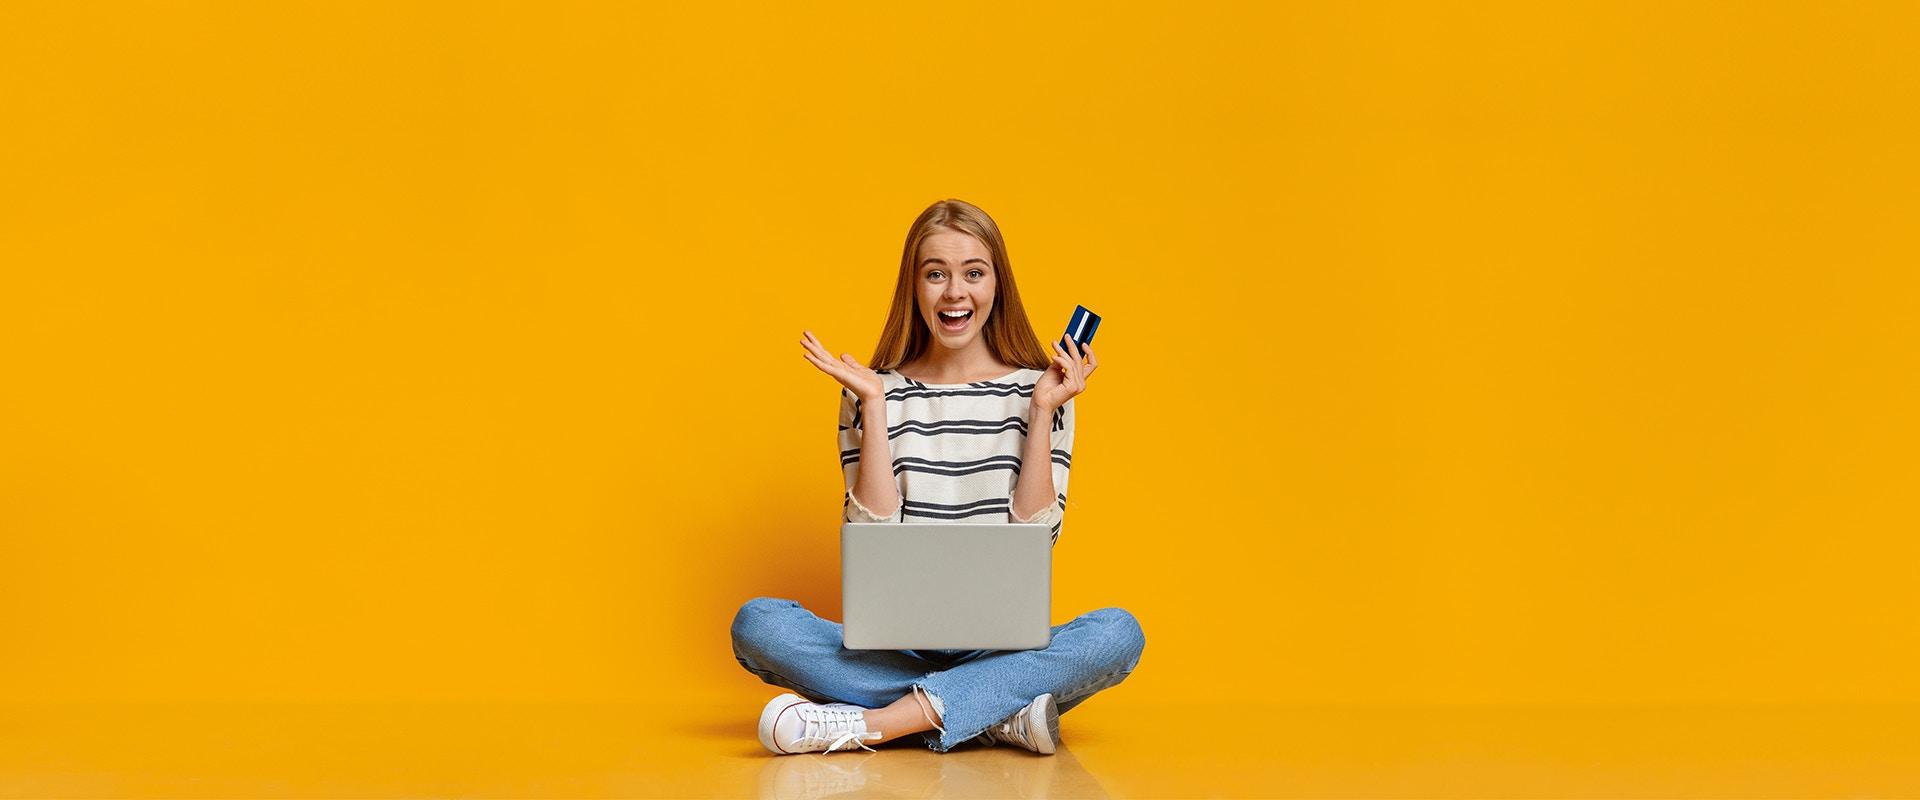 Singles' Day: Eine Frau sitzt auf dem Boden und hat eine Kreditkarte in der Hand und einen Laptop auf dem Schoß.